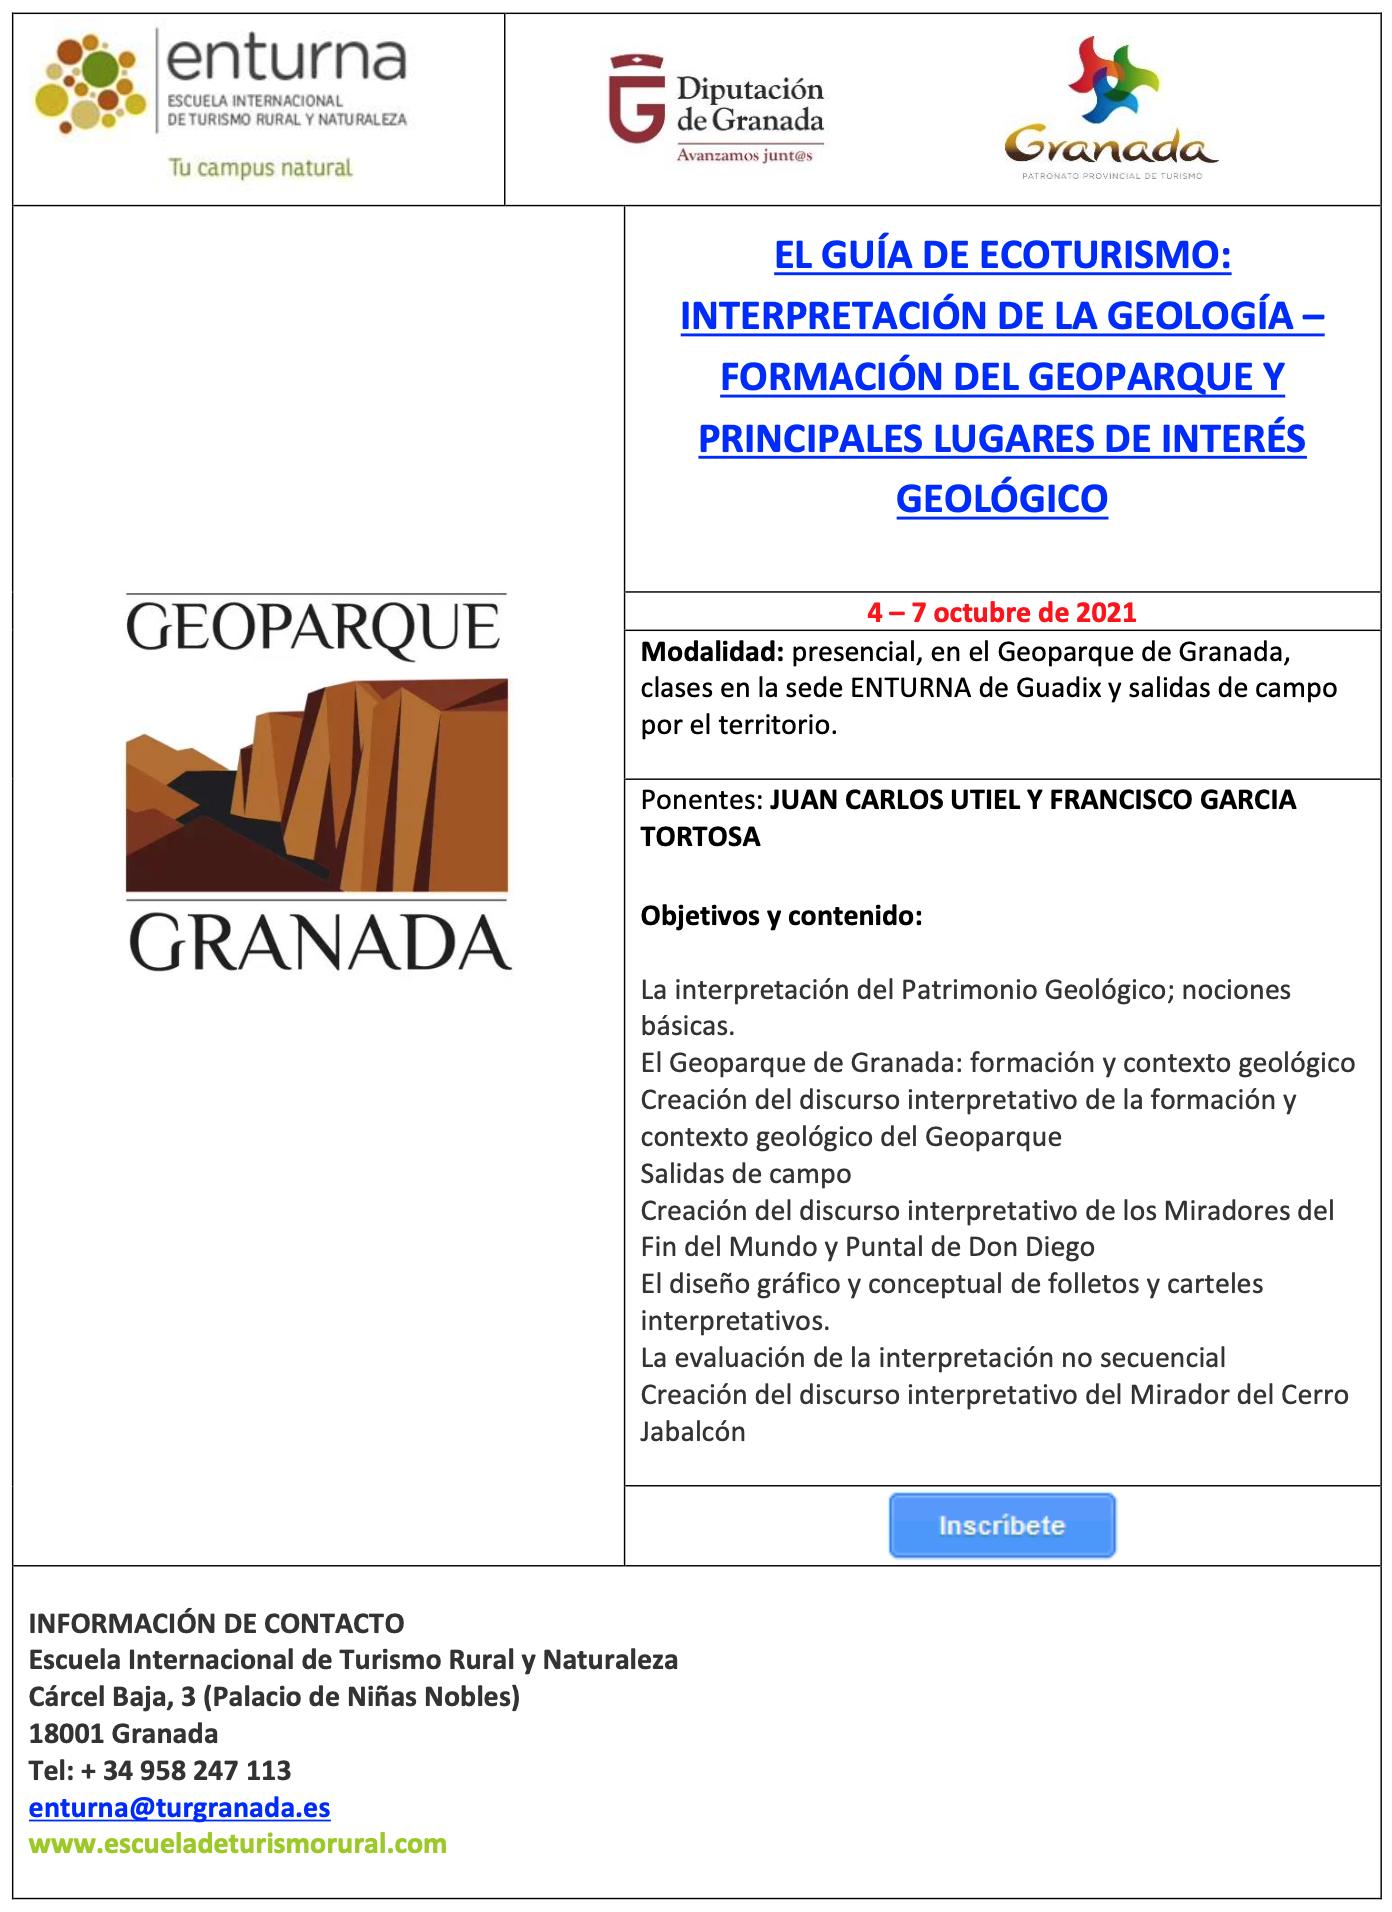 Screenshot 2021 10 11 at 18.51.50 - EL GUÍA DE ECOTURISMO: INTERPRETACIÓN DE LA GEOLOGÍA – FORMACIÓN DEL GEOPARQUE Y PRINCIPALES LUGARES DE INTERÉS GEOLÓGICO - Geoparque de Granada